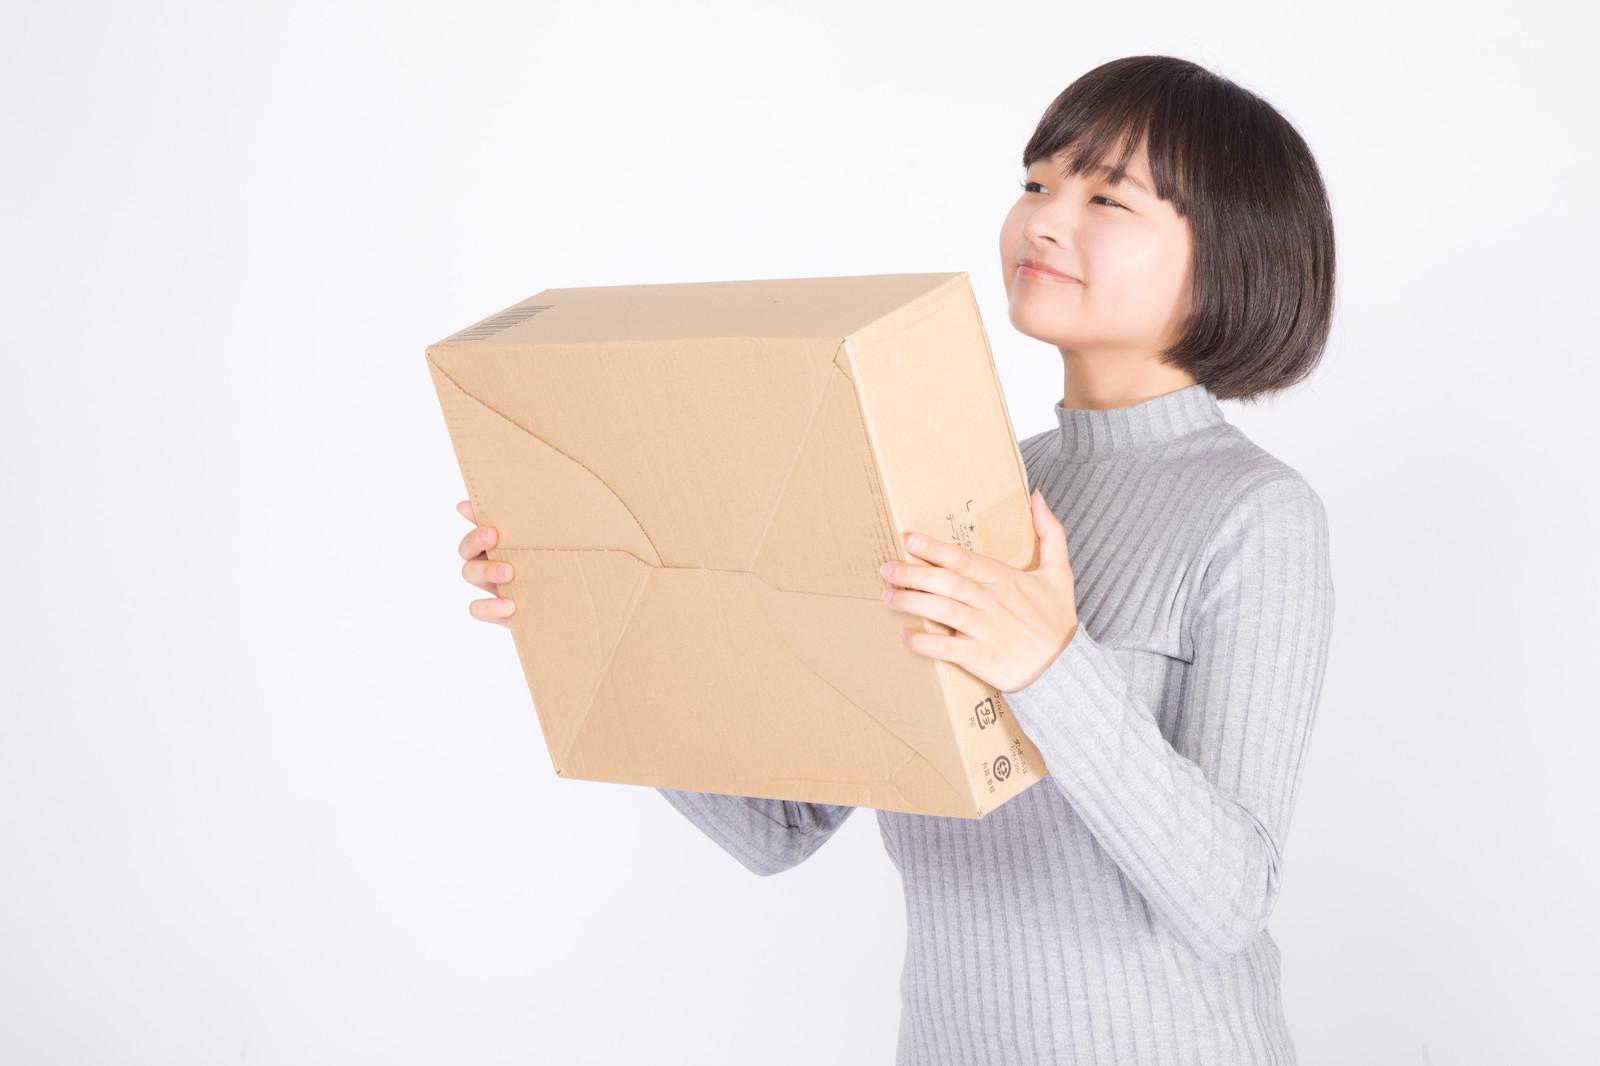 Amazon輸出 発送した商品が返品されてきた場合の3つの対応方法